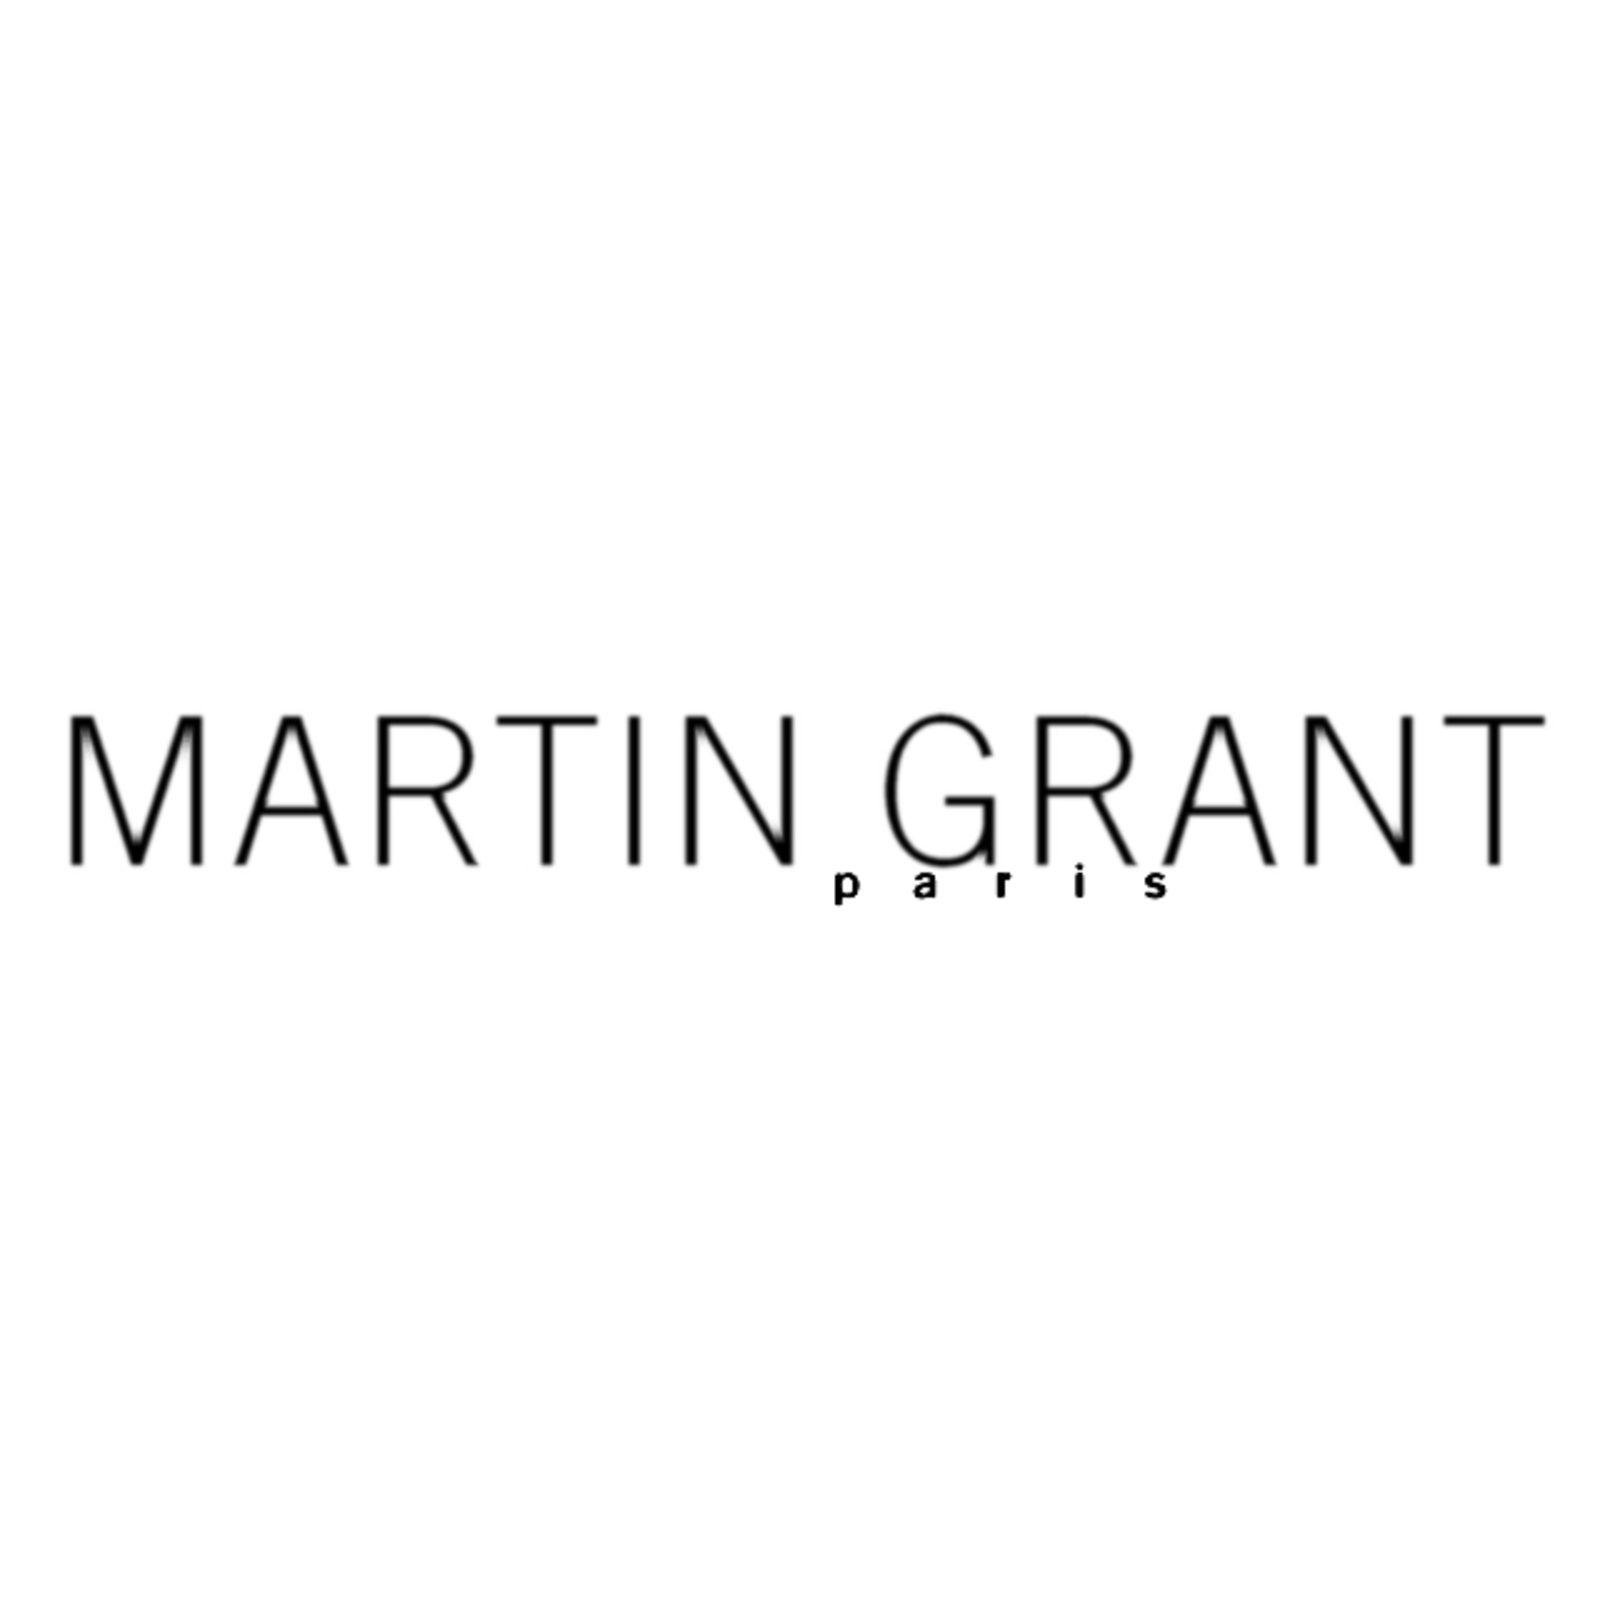 Martin Grant